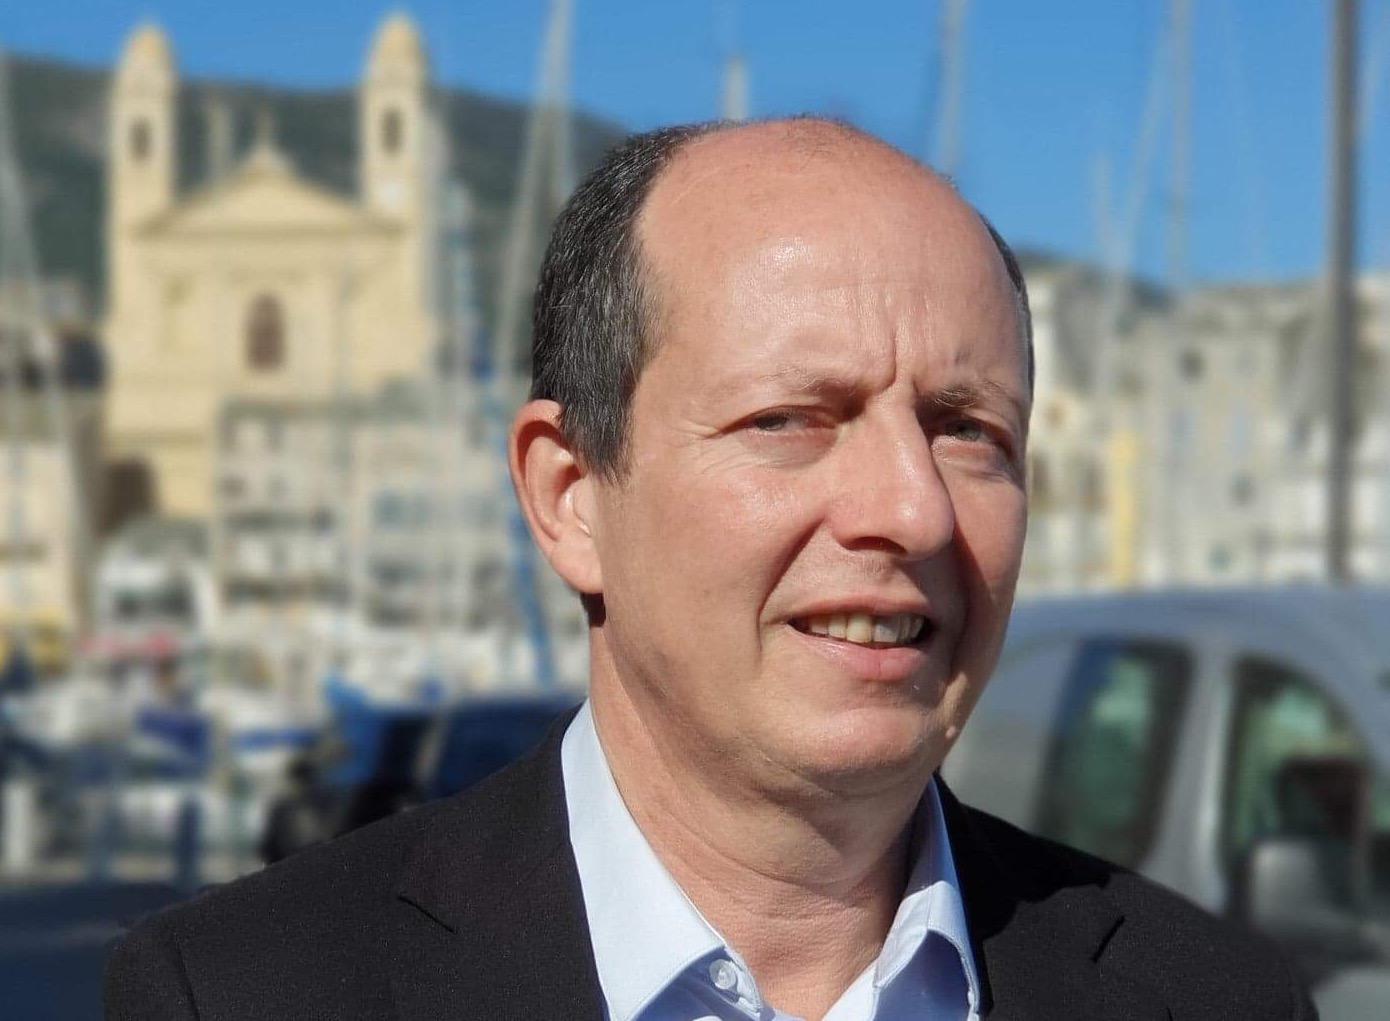 Paul-Félix Benedetti, leader de Core in Fronte, et candidat aux élections municipales à Bastia avec la liste Bastia In Core.